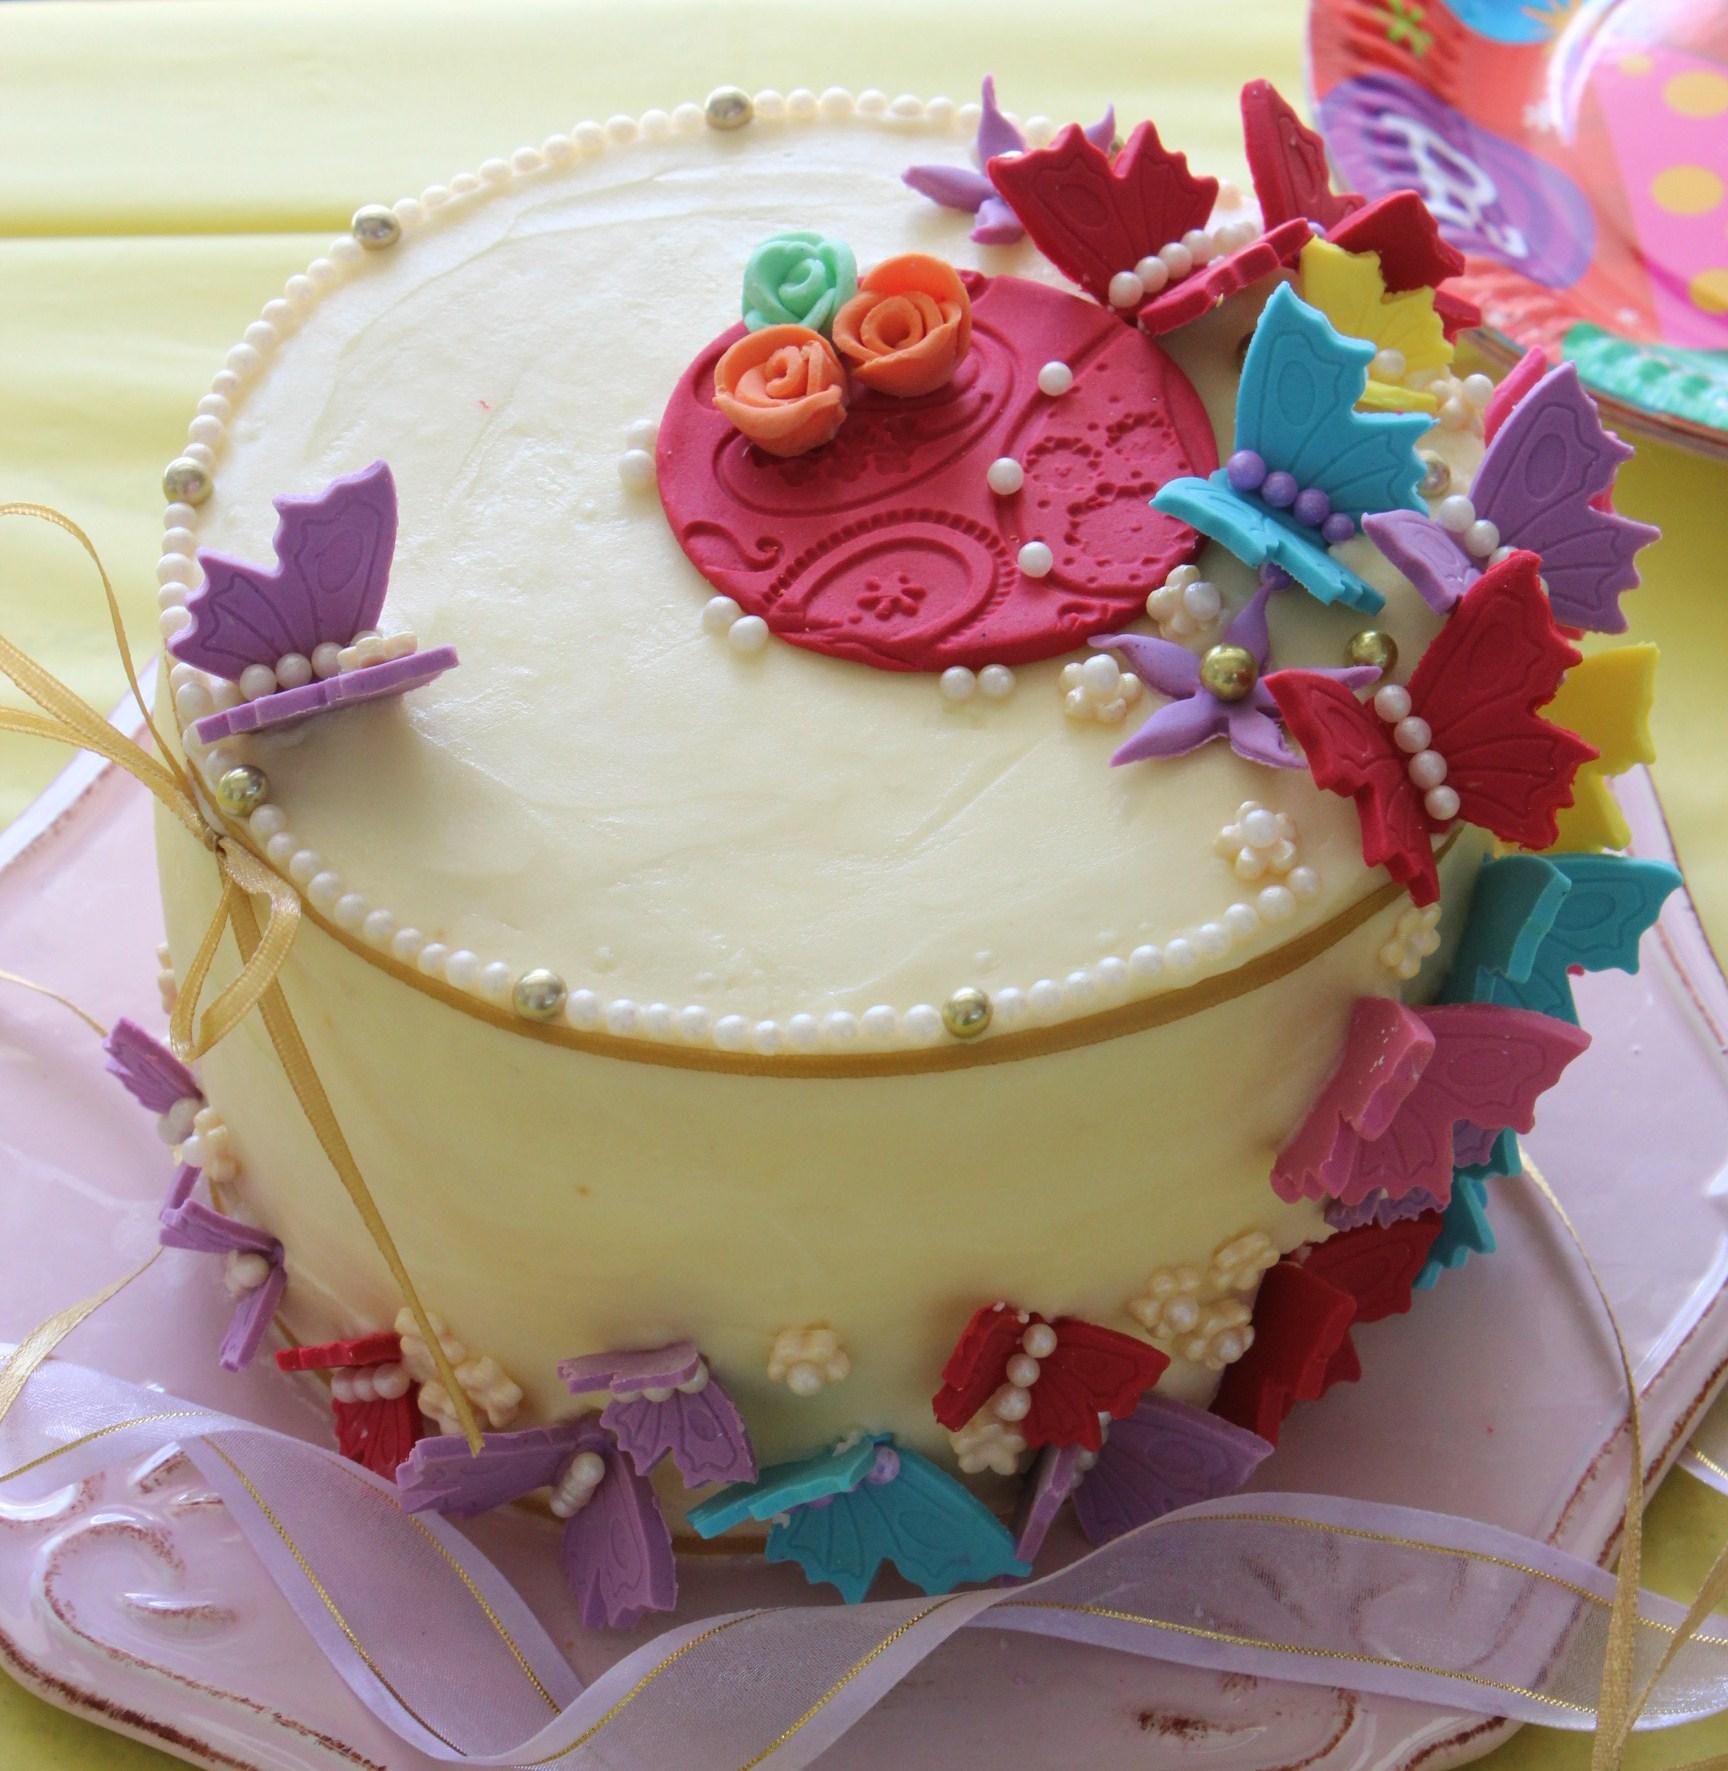 12 Beautiful Amazing Birthday Cakes Photo Beautiful Birthday Cake